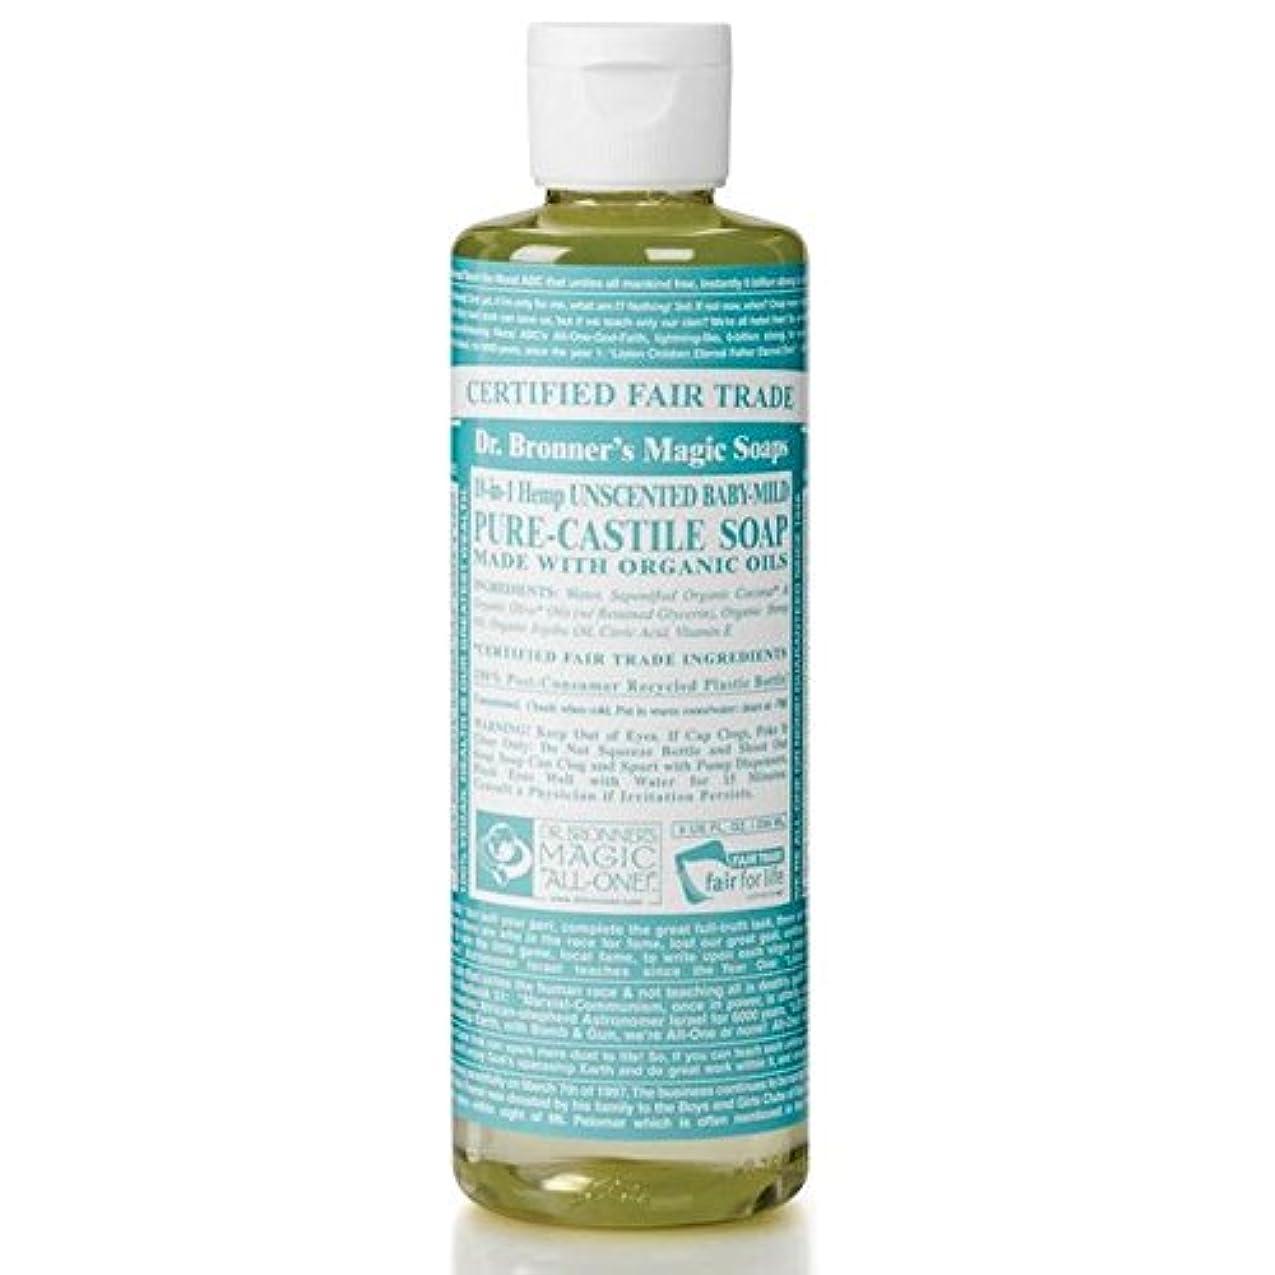 夜間ブロッサム任命Dr Bronner Organic Baby Mild Cast Liquid Soap 237ml - のブロナーオーガニックベビーマイルドなキャスト液体石鹸237ミリリットル [並行輸入品]